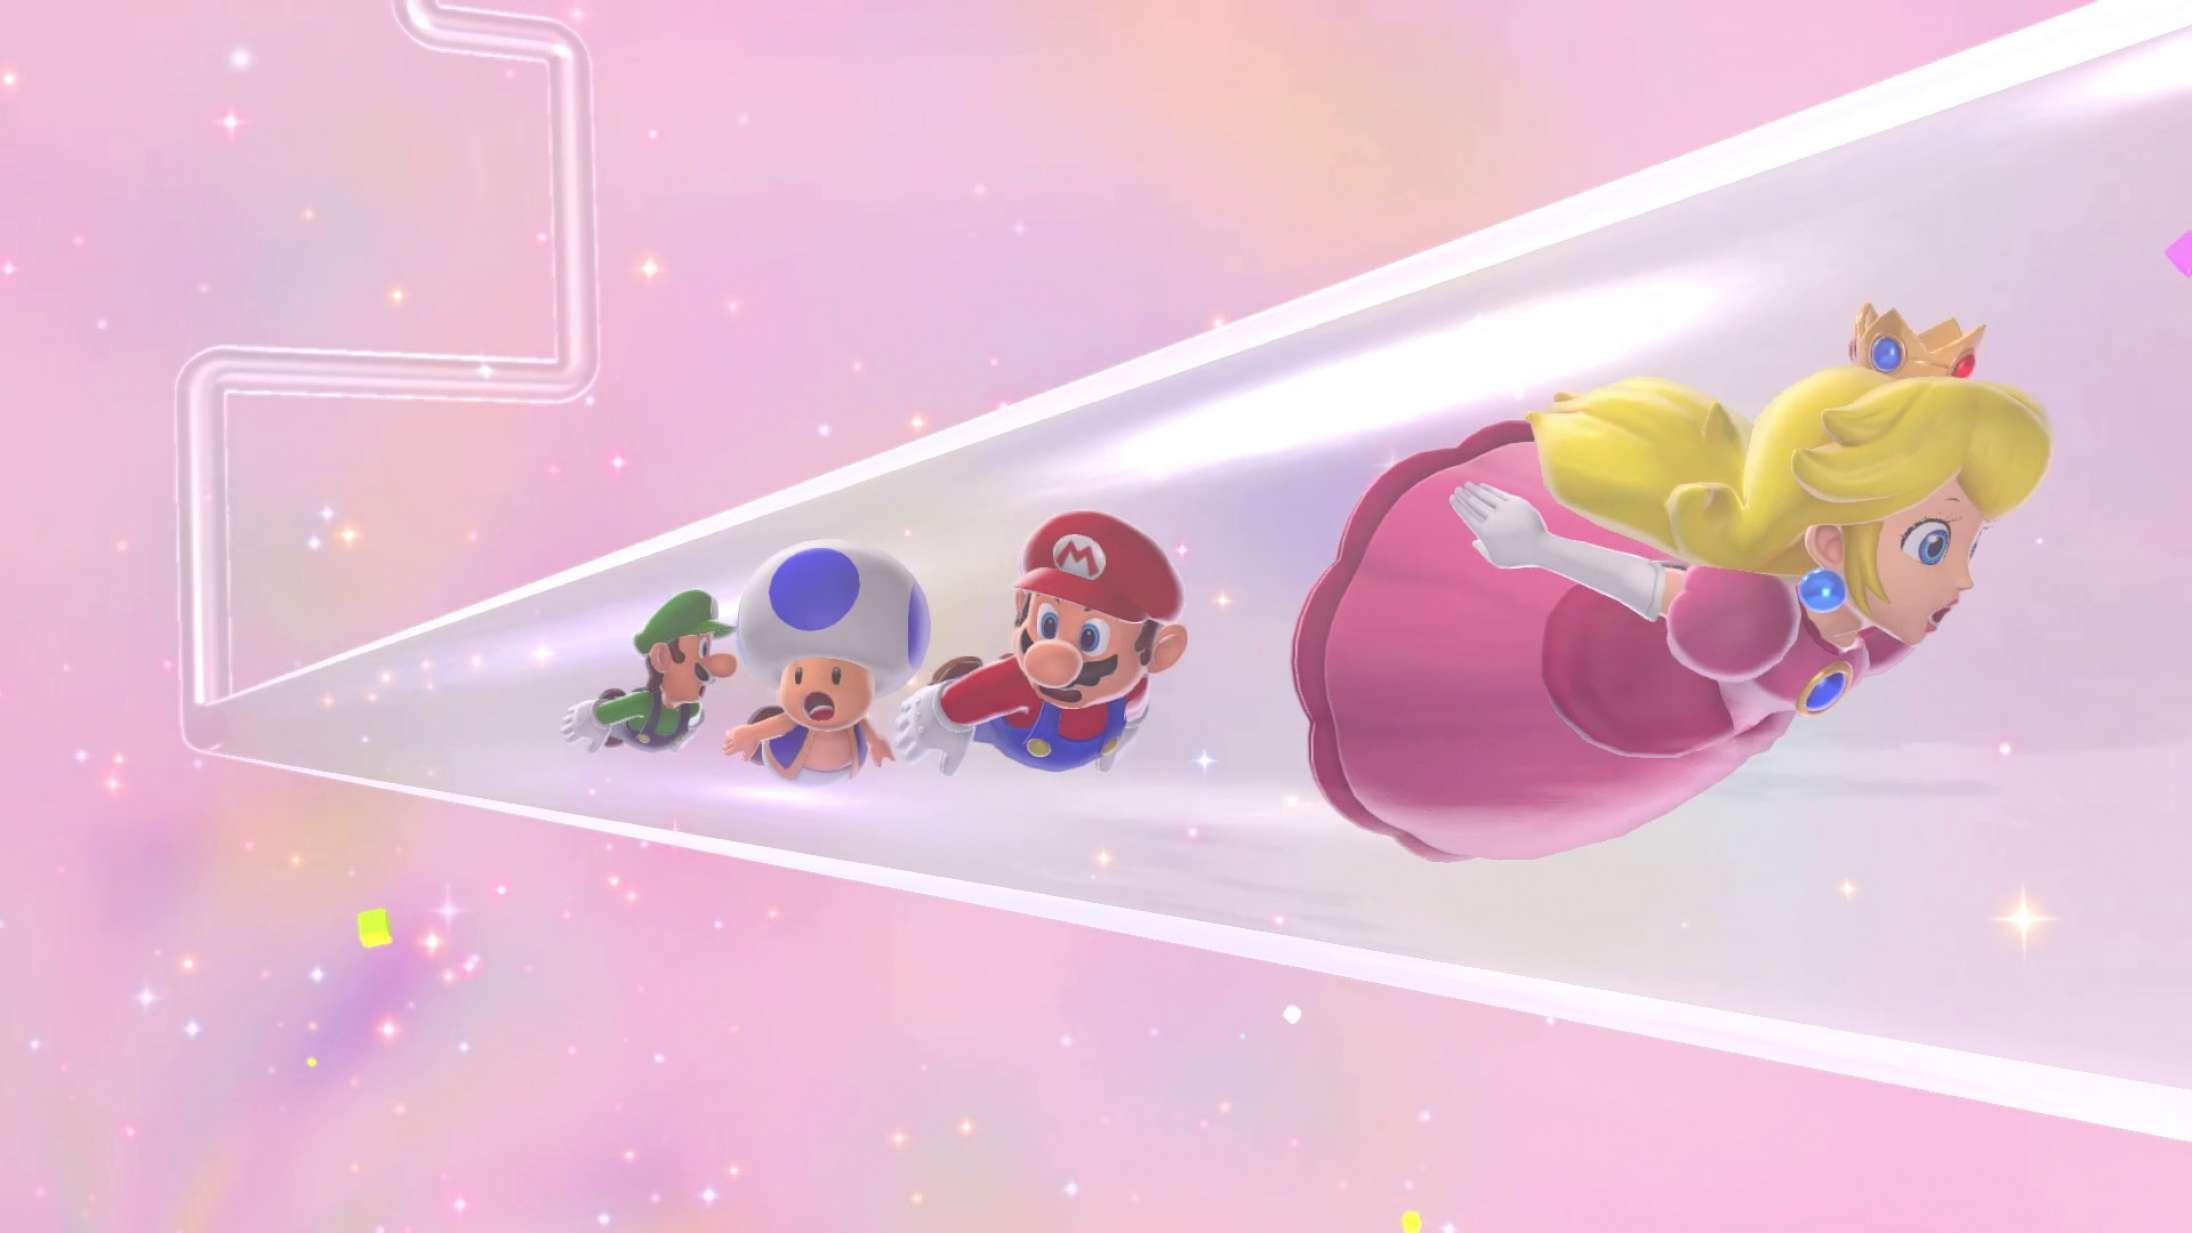 Nintendo lukker ned for notorisk sexspil med Mario-prinsesse